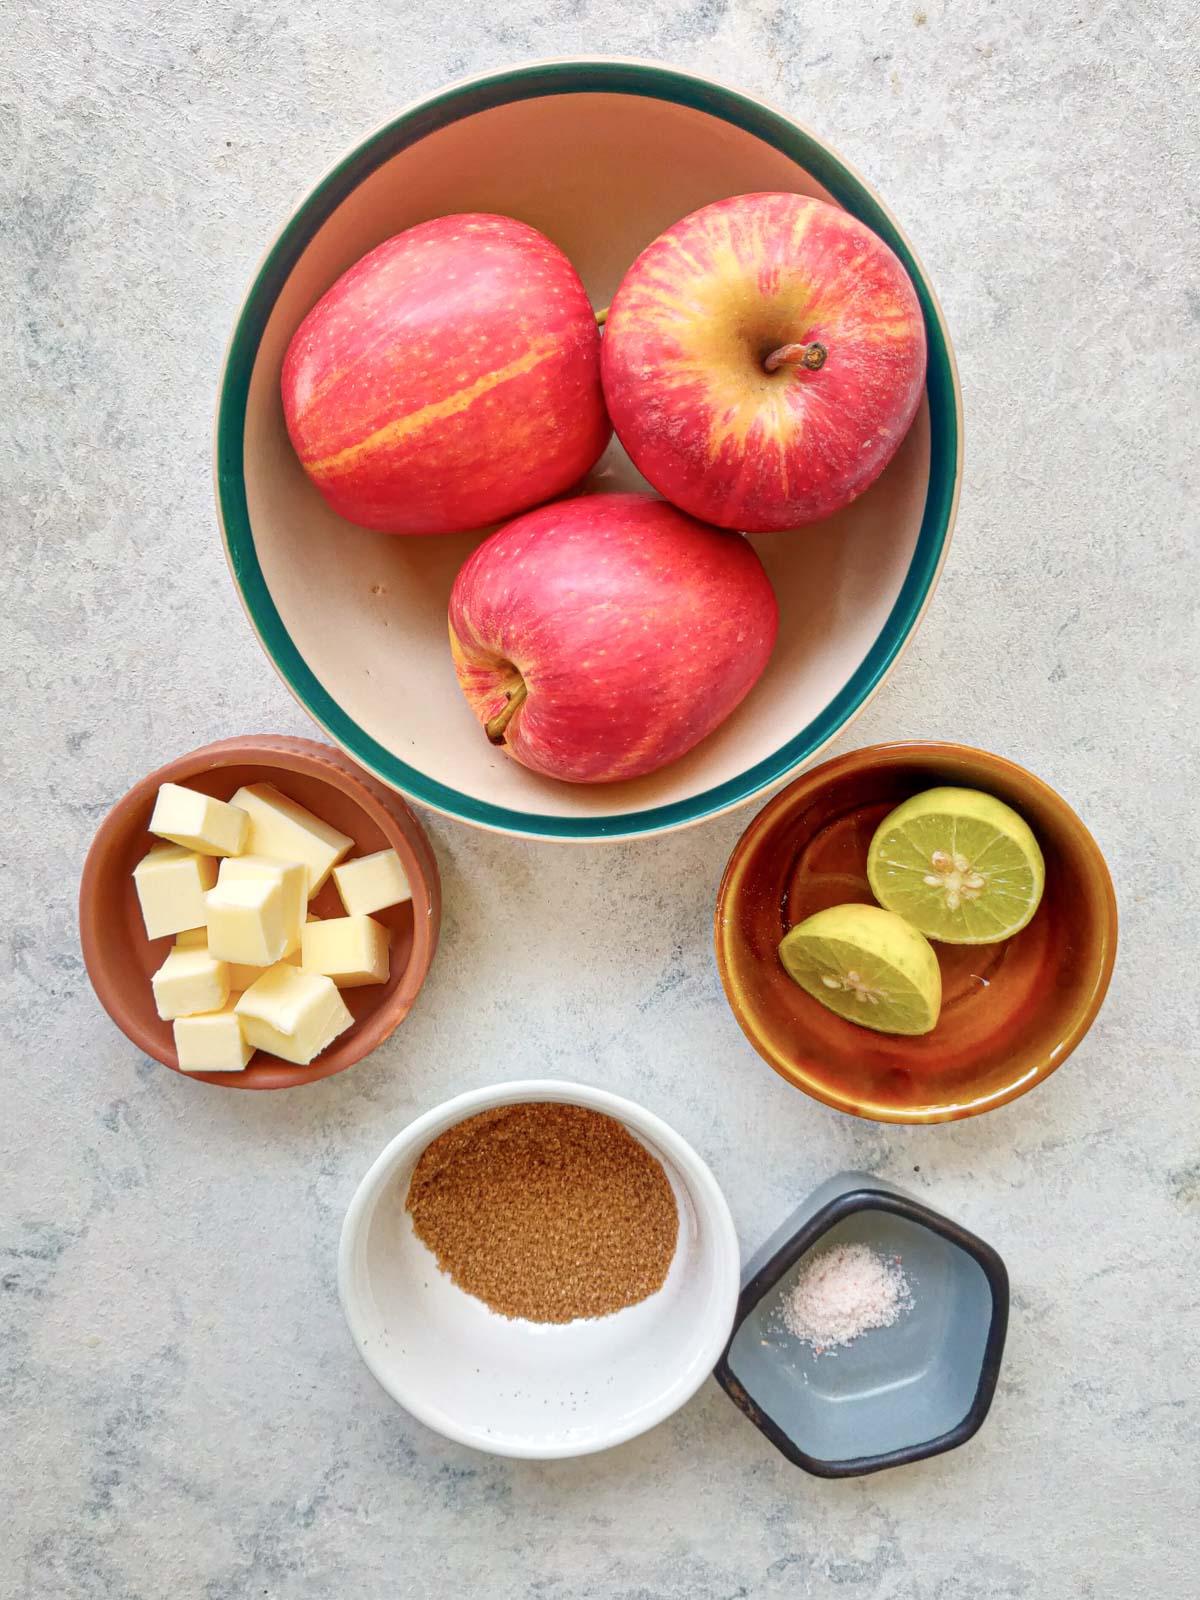 apple galette ingredients